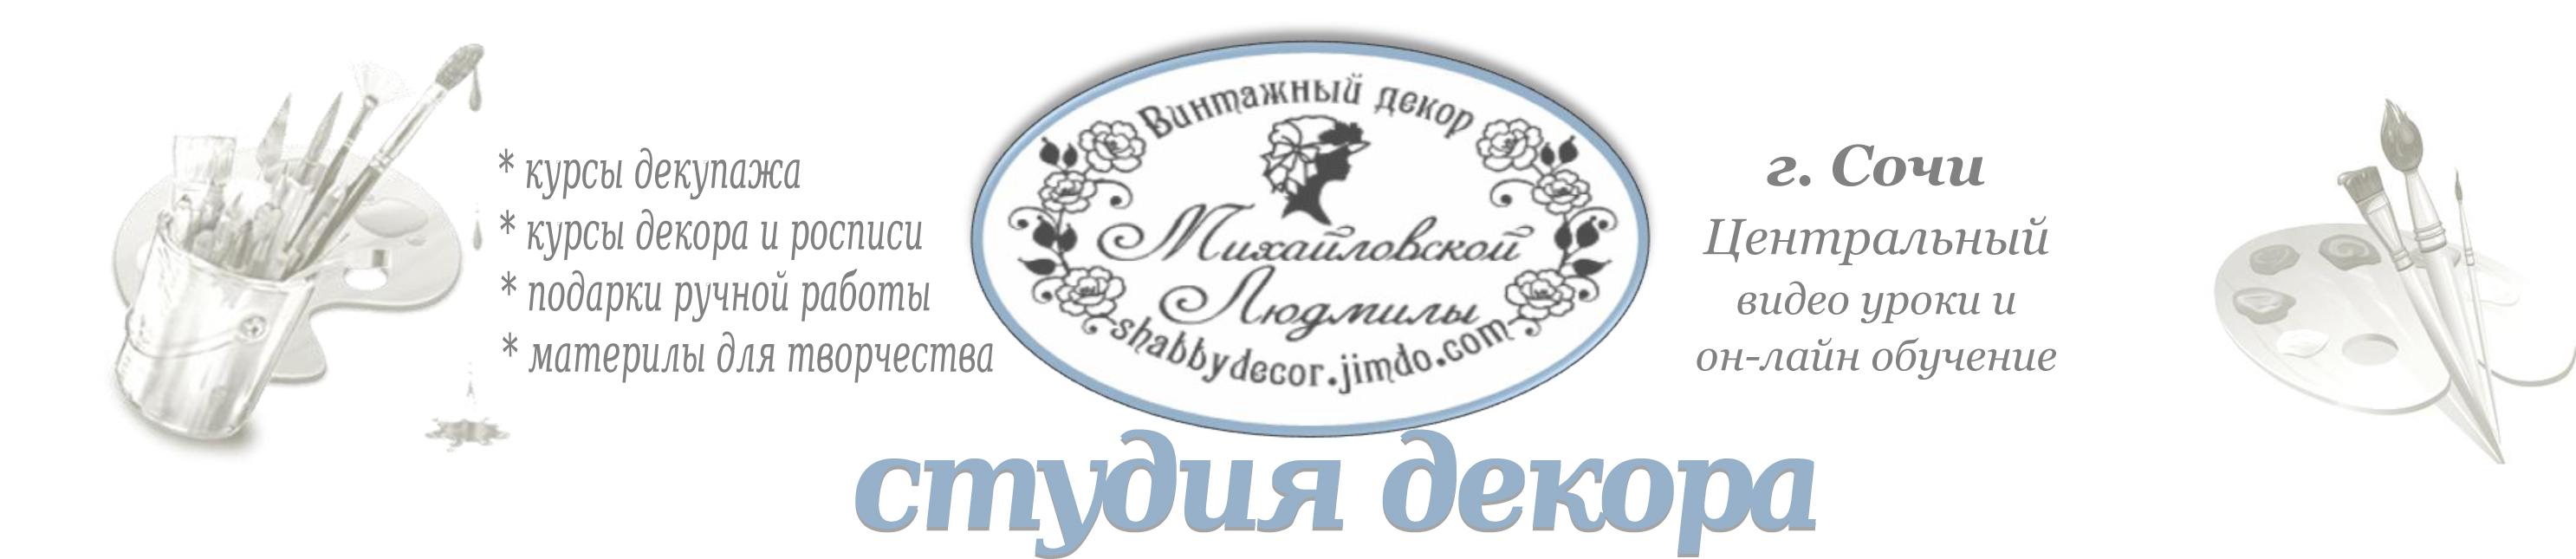 Курсы декупажа москва